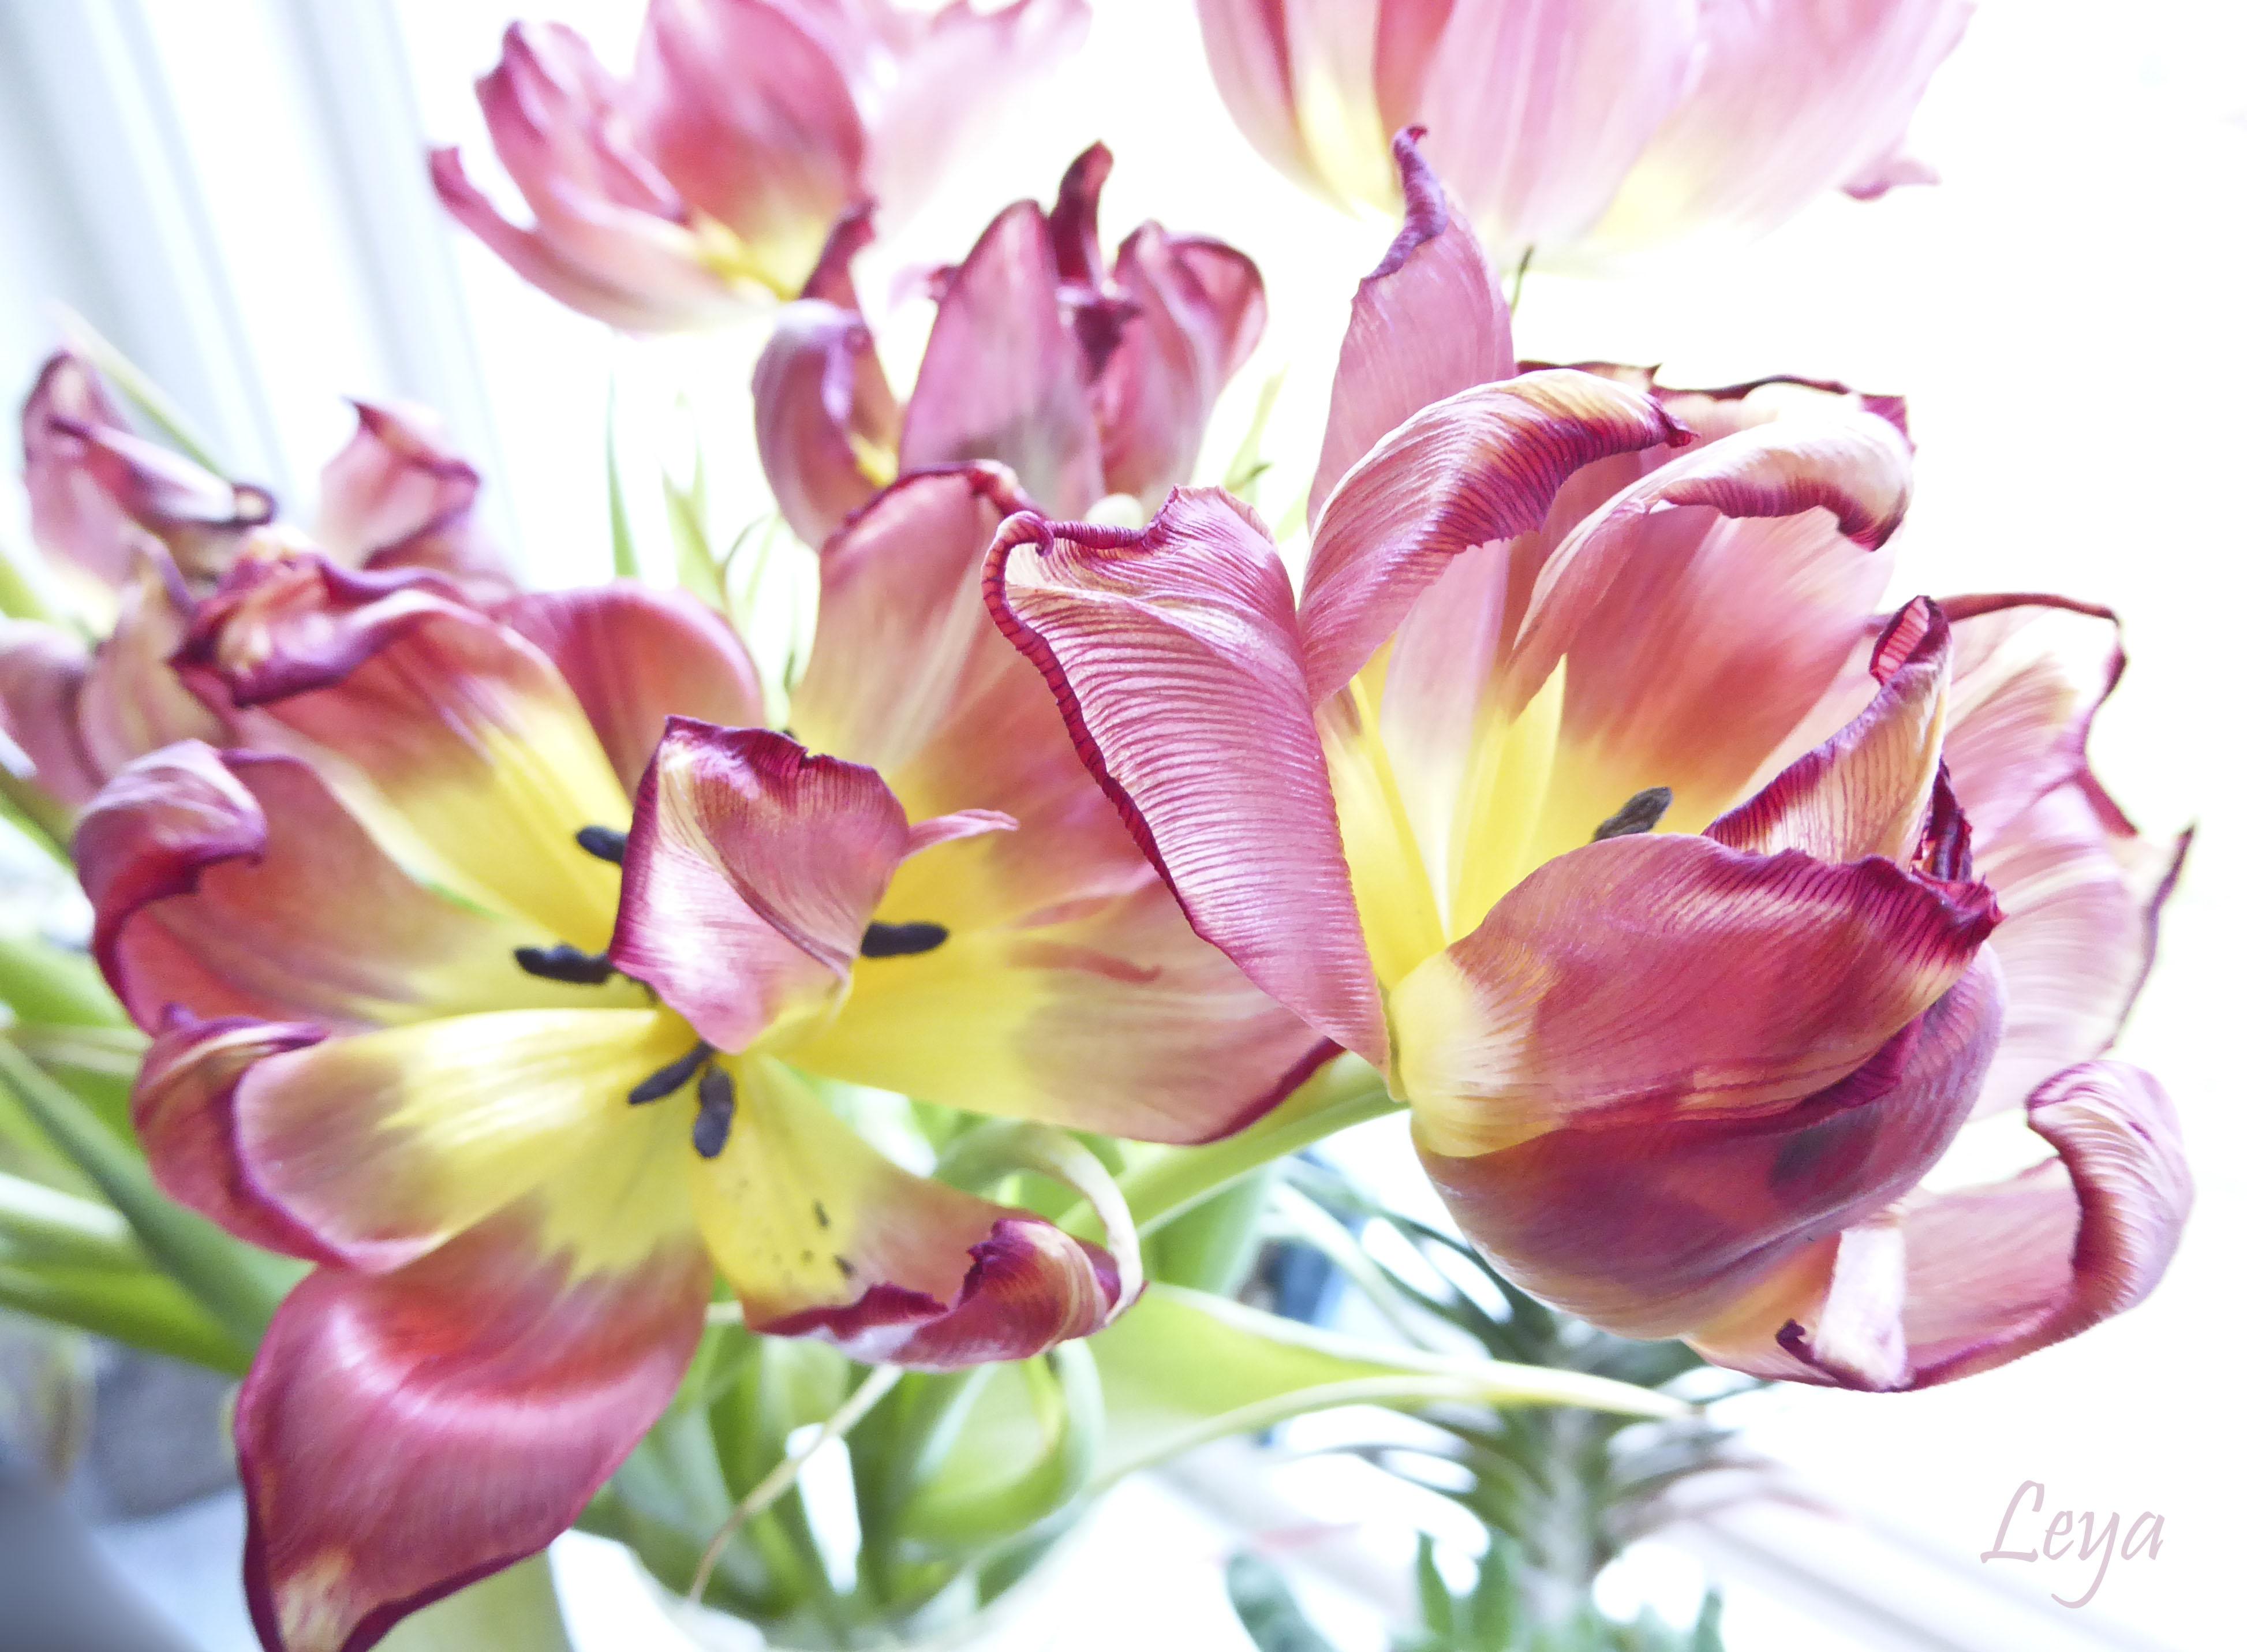 Högdagerbilder på husets blomning 131_copy